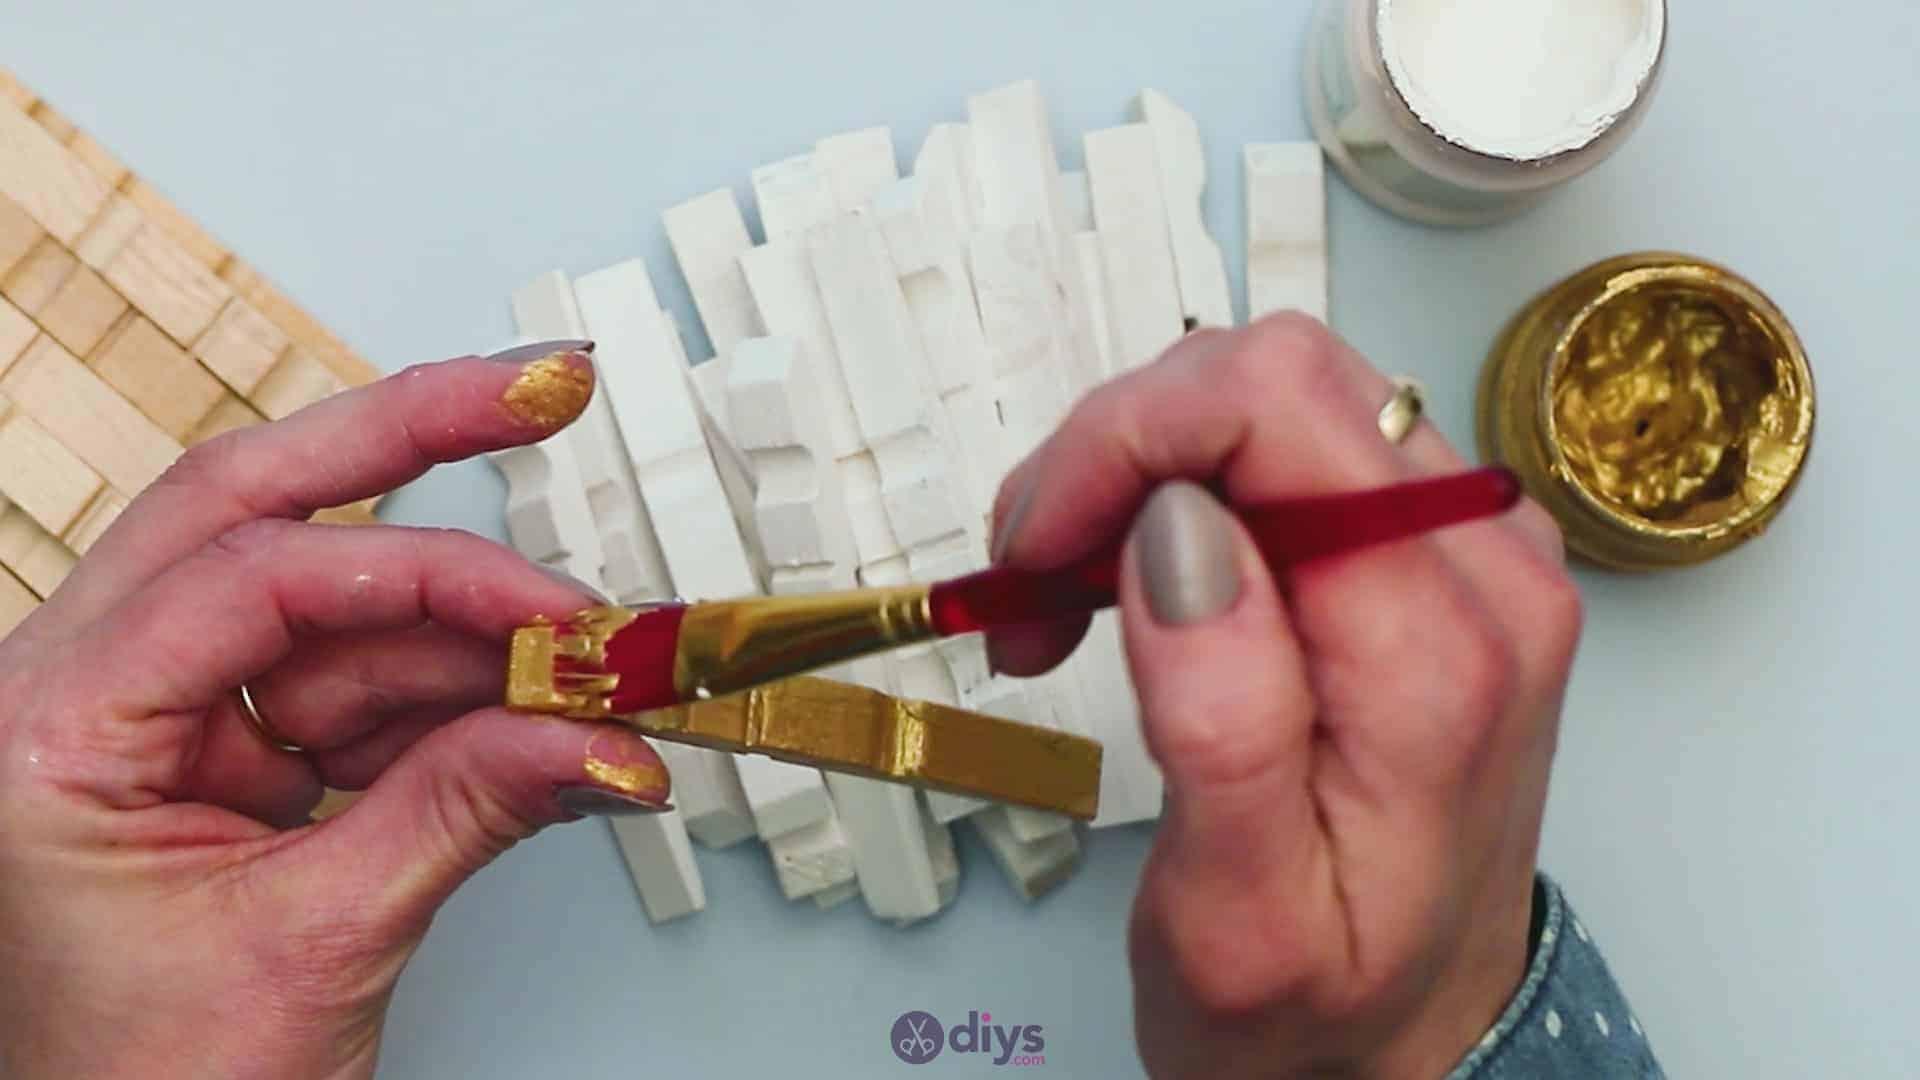 Diy clothespin art step 4d